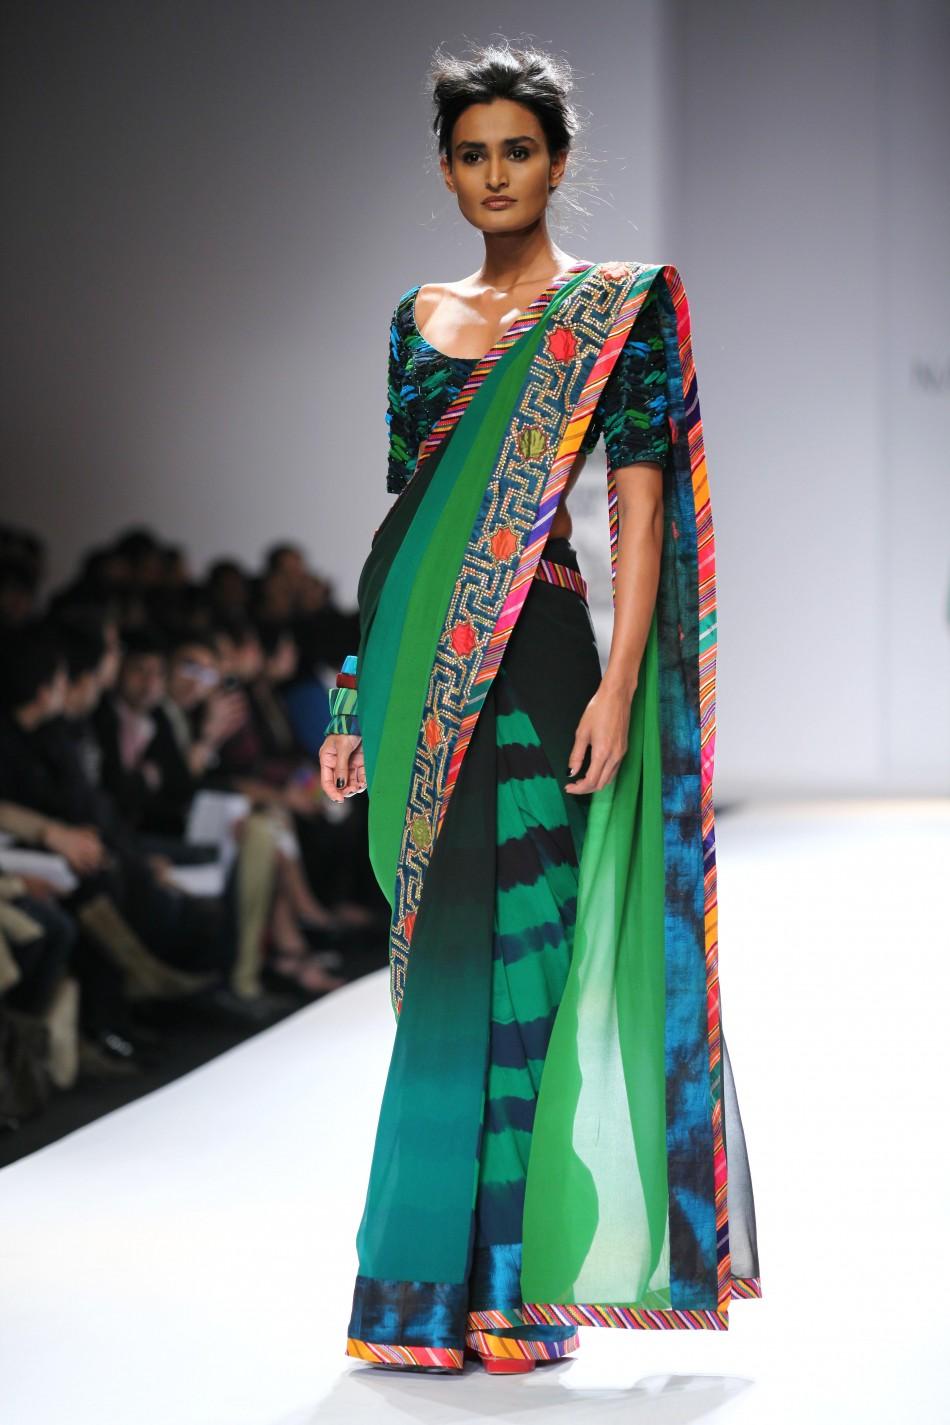 Day 2 Wills Lifestyle India Fashion Week Autumn Winter 2012 Photo